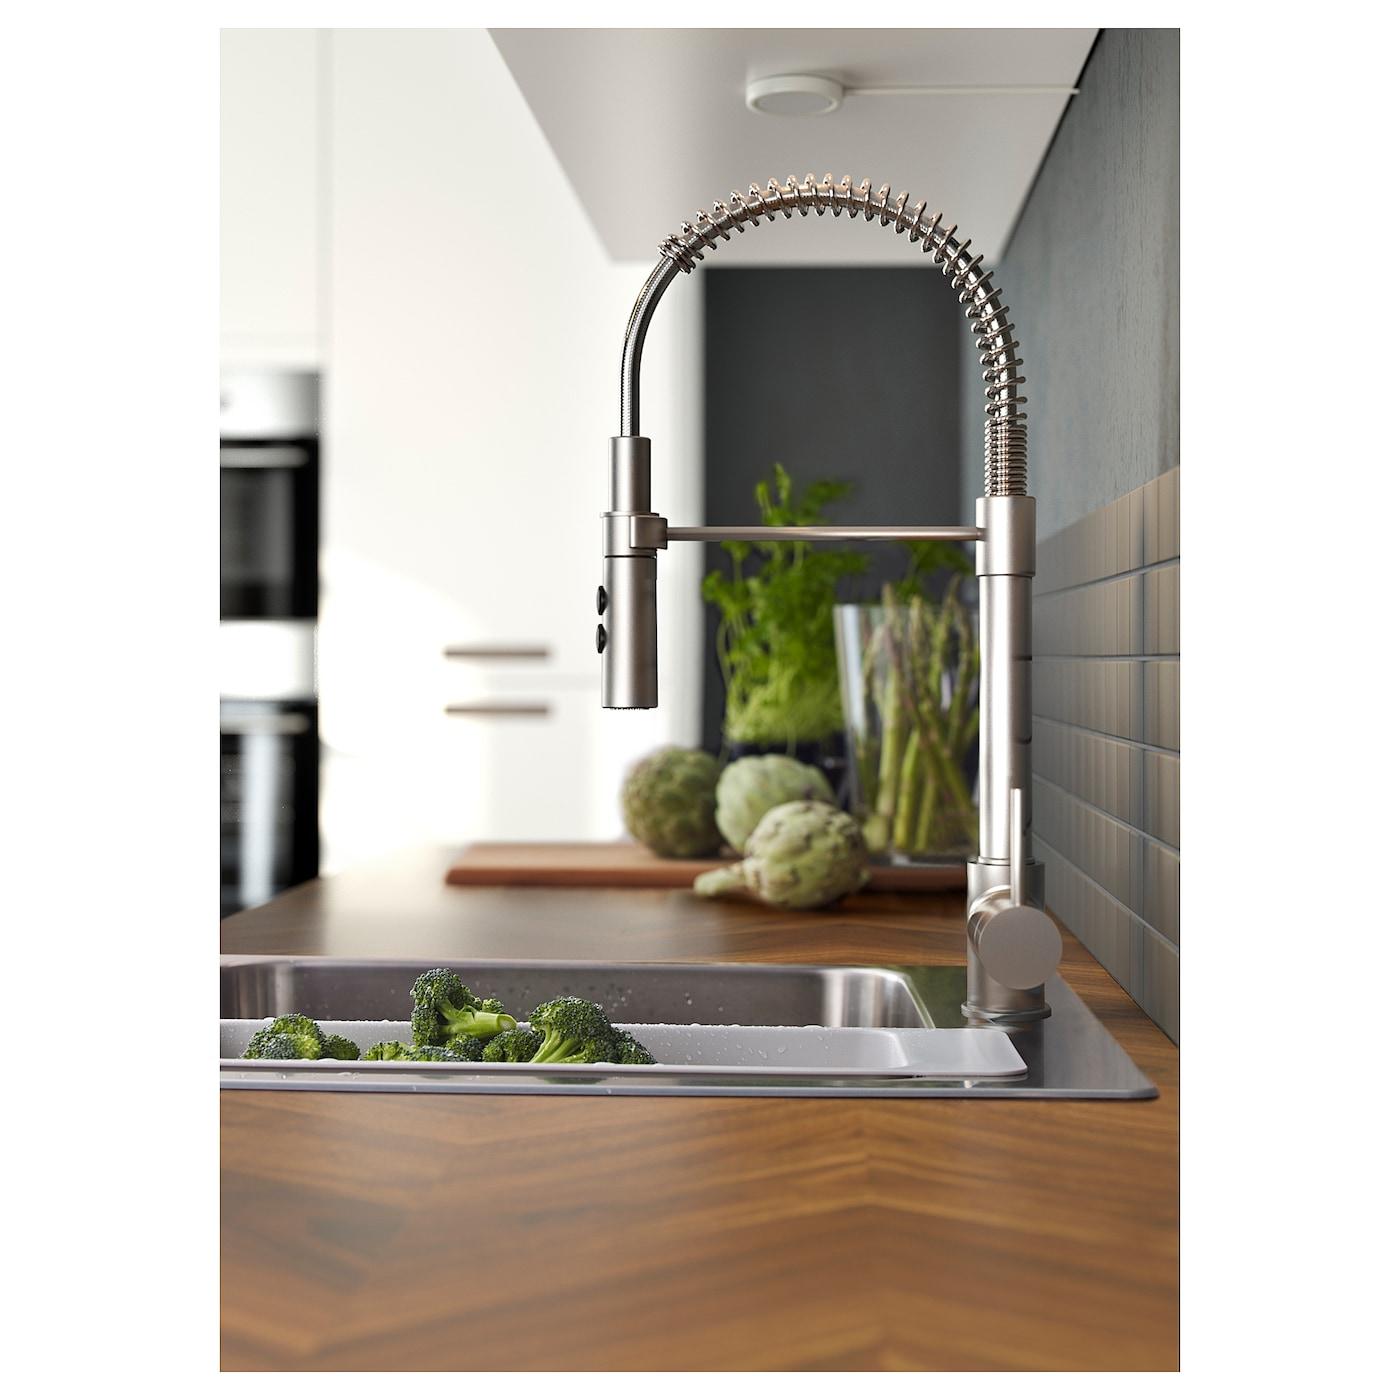 vimmern mitigeur avec douchette couleur acier inox ikea. Black Bedroom Furniture Sets. Home Design Ideas